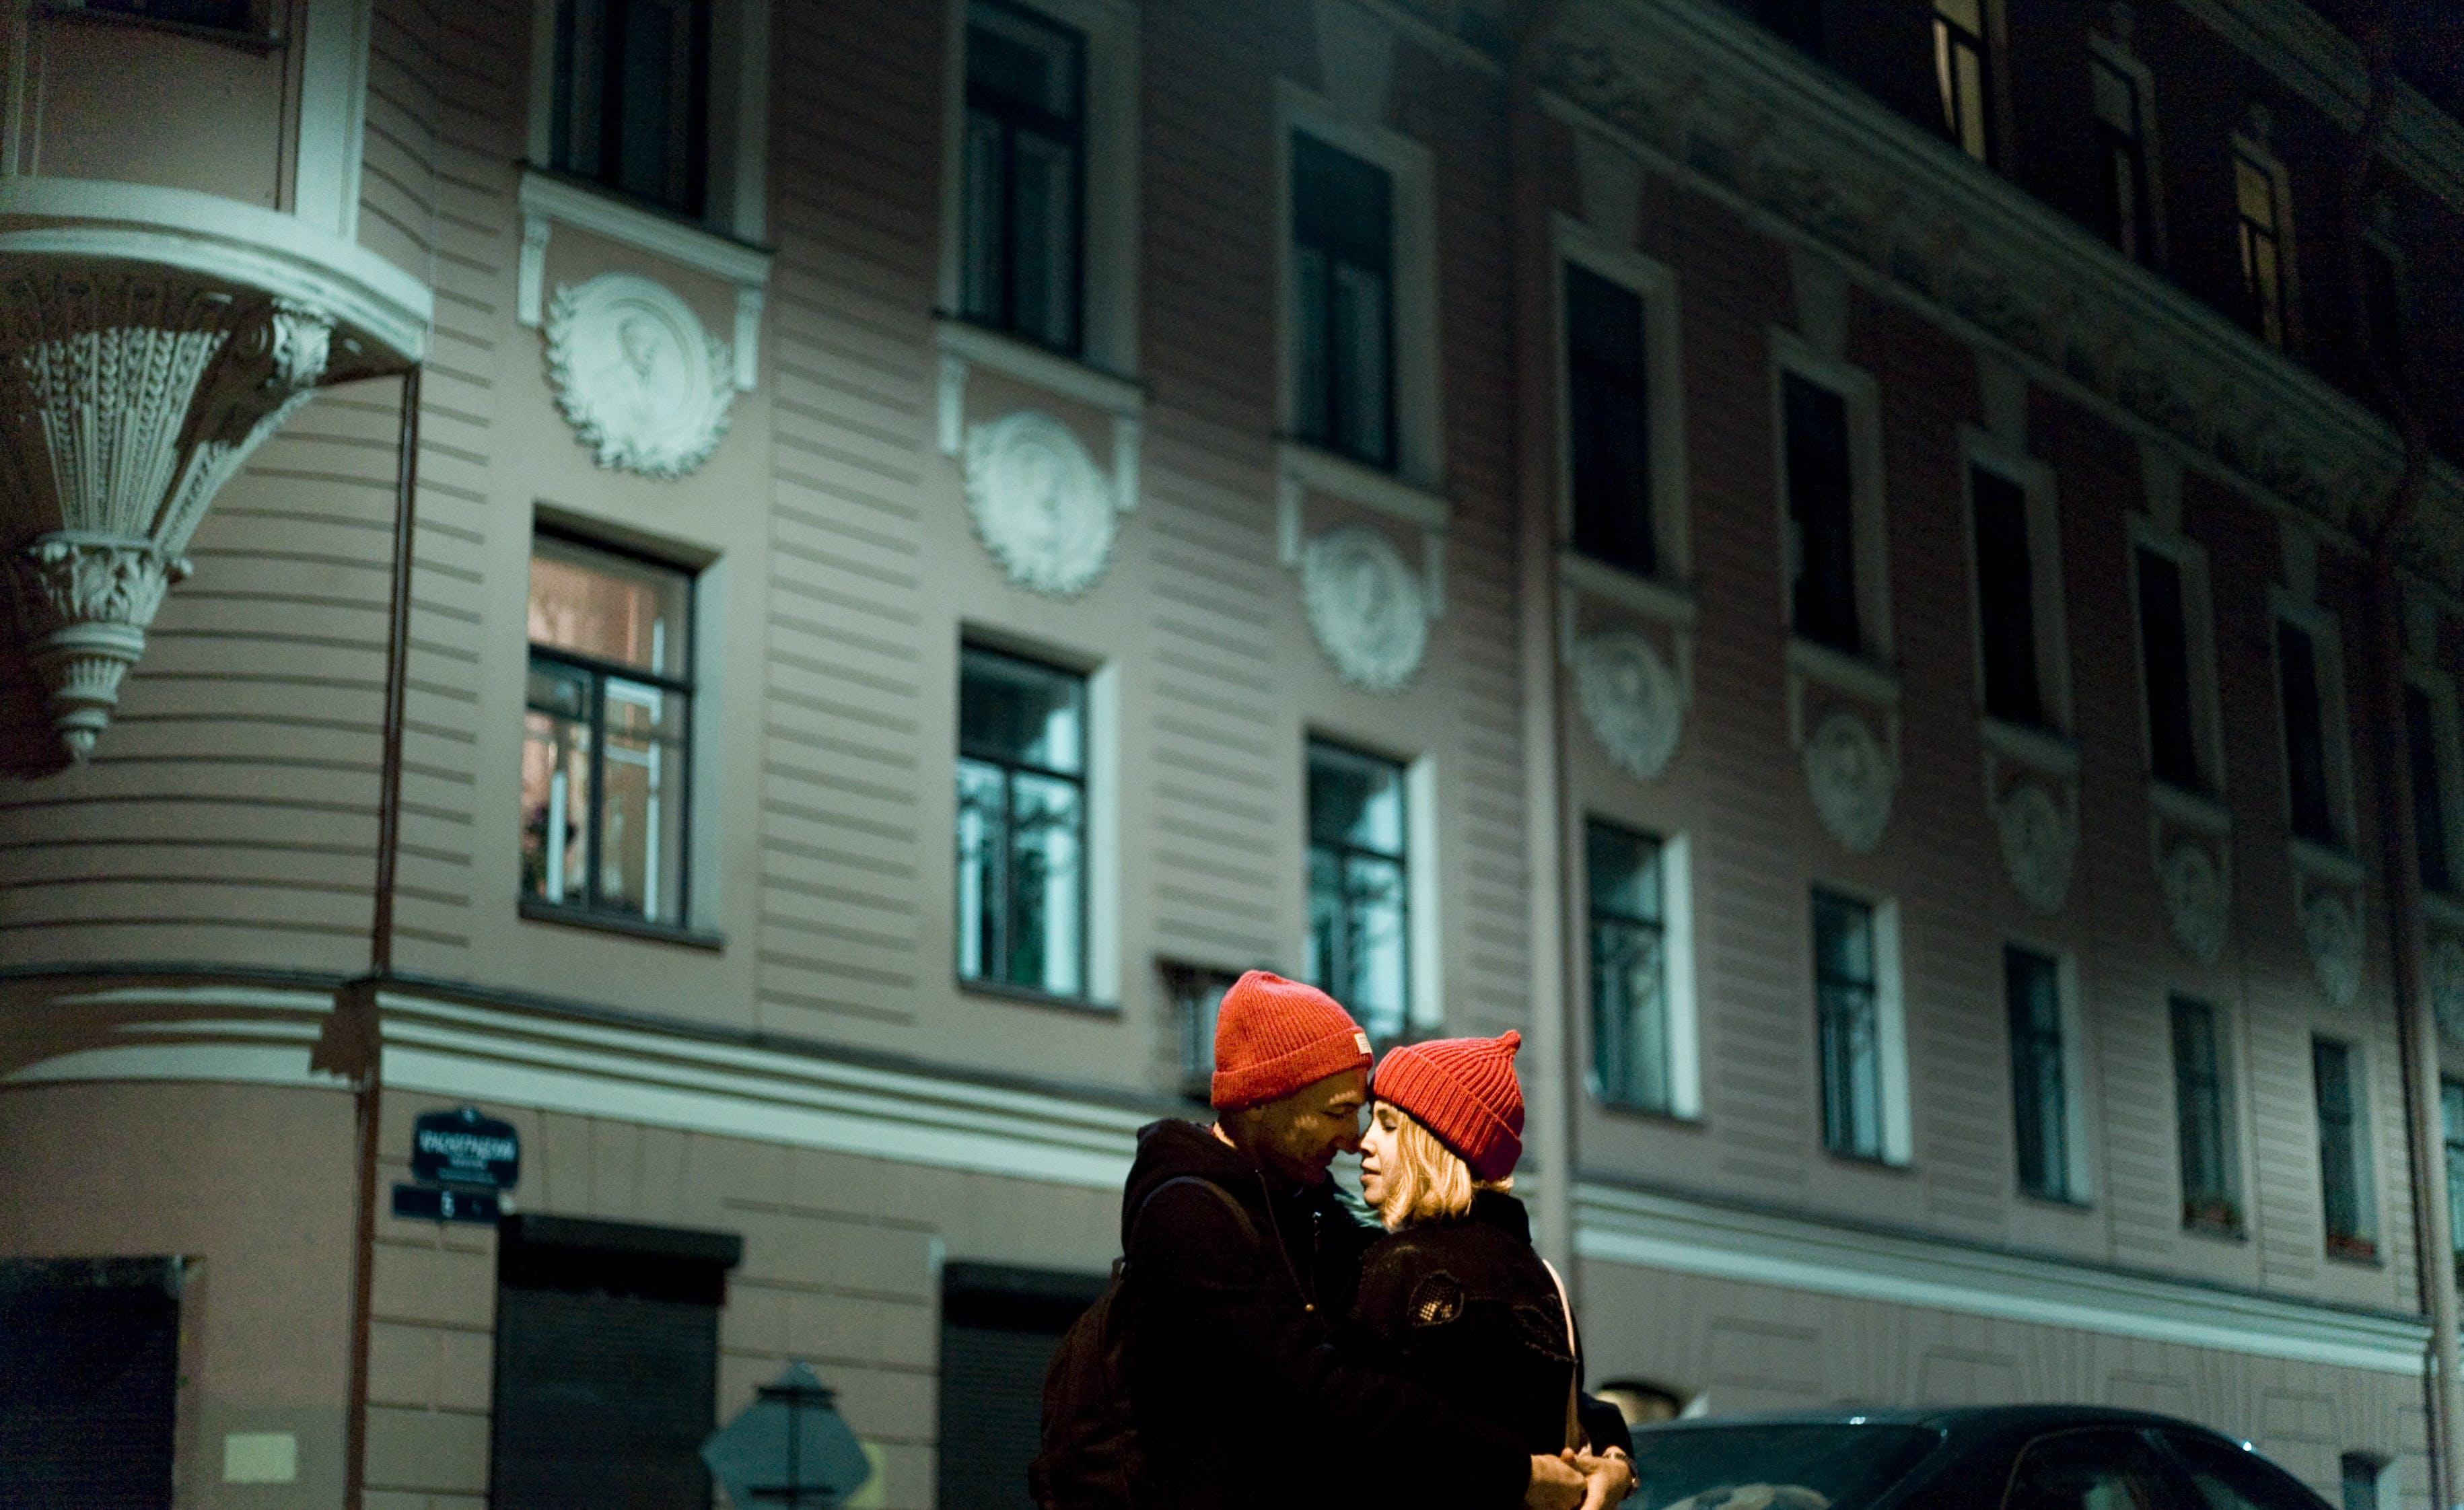 Δωρεάν στοκ φωτογραφιών με αγάπη, άνδρας, Άνθρωποι, απόγευμα